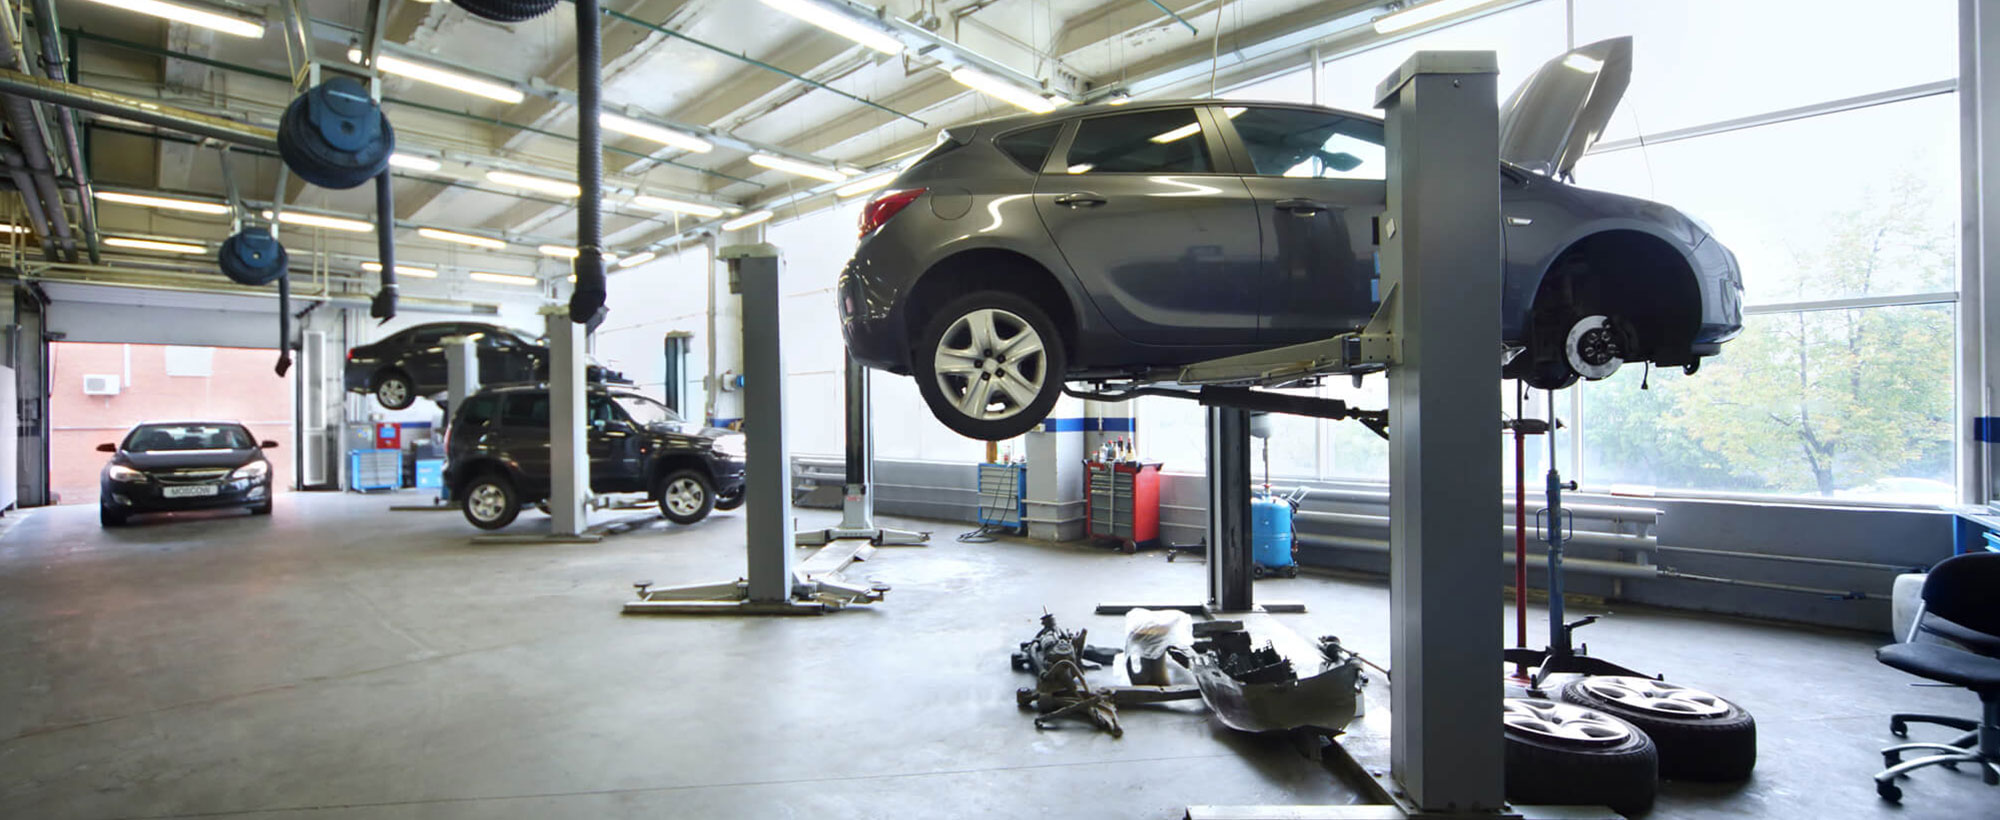 2XL - Auto shop